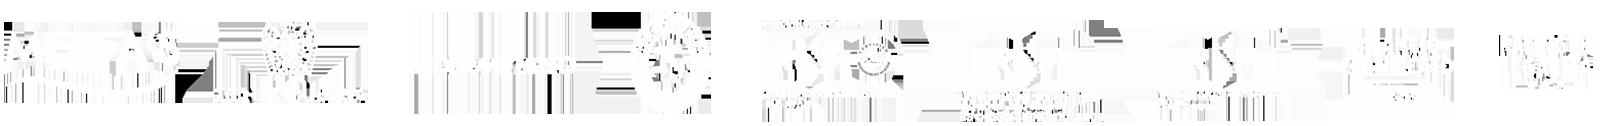 Certificaciones Meic Servicios Gela